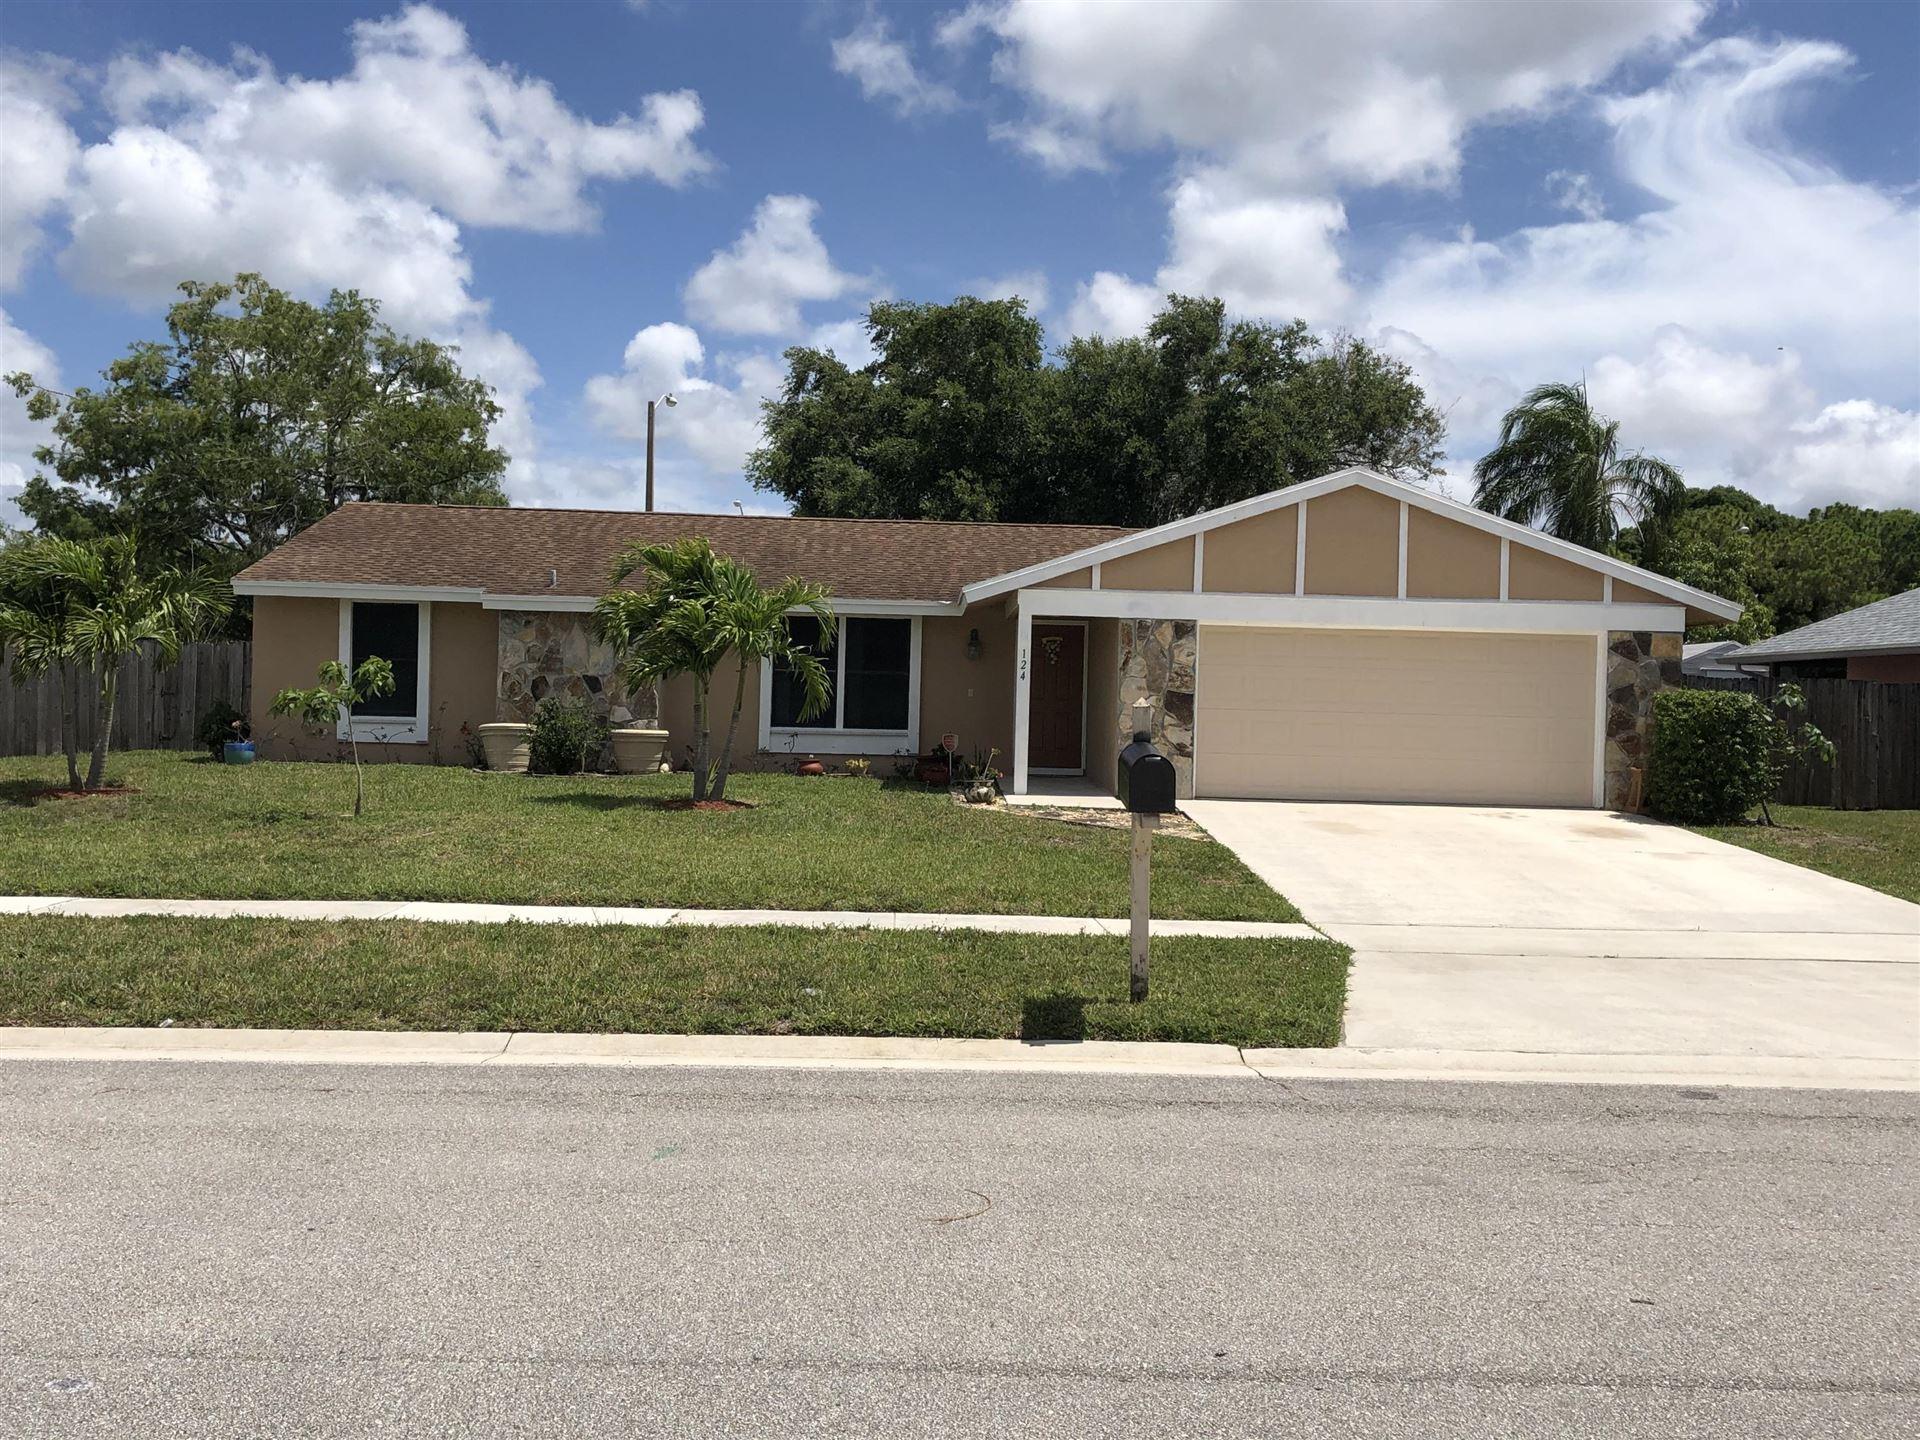 124 Sherwood Drive, Royal Palm Beach, FL 33411 - #: RX-10723202